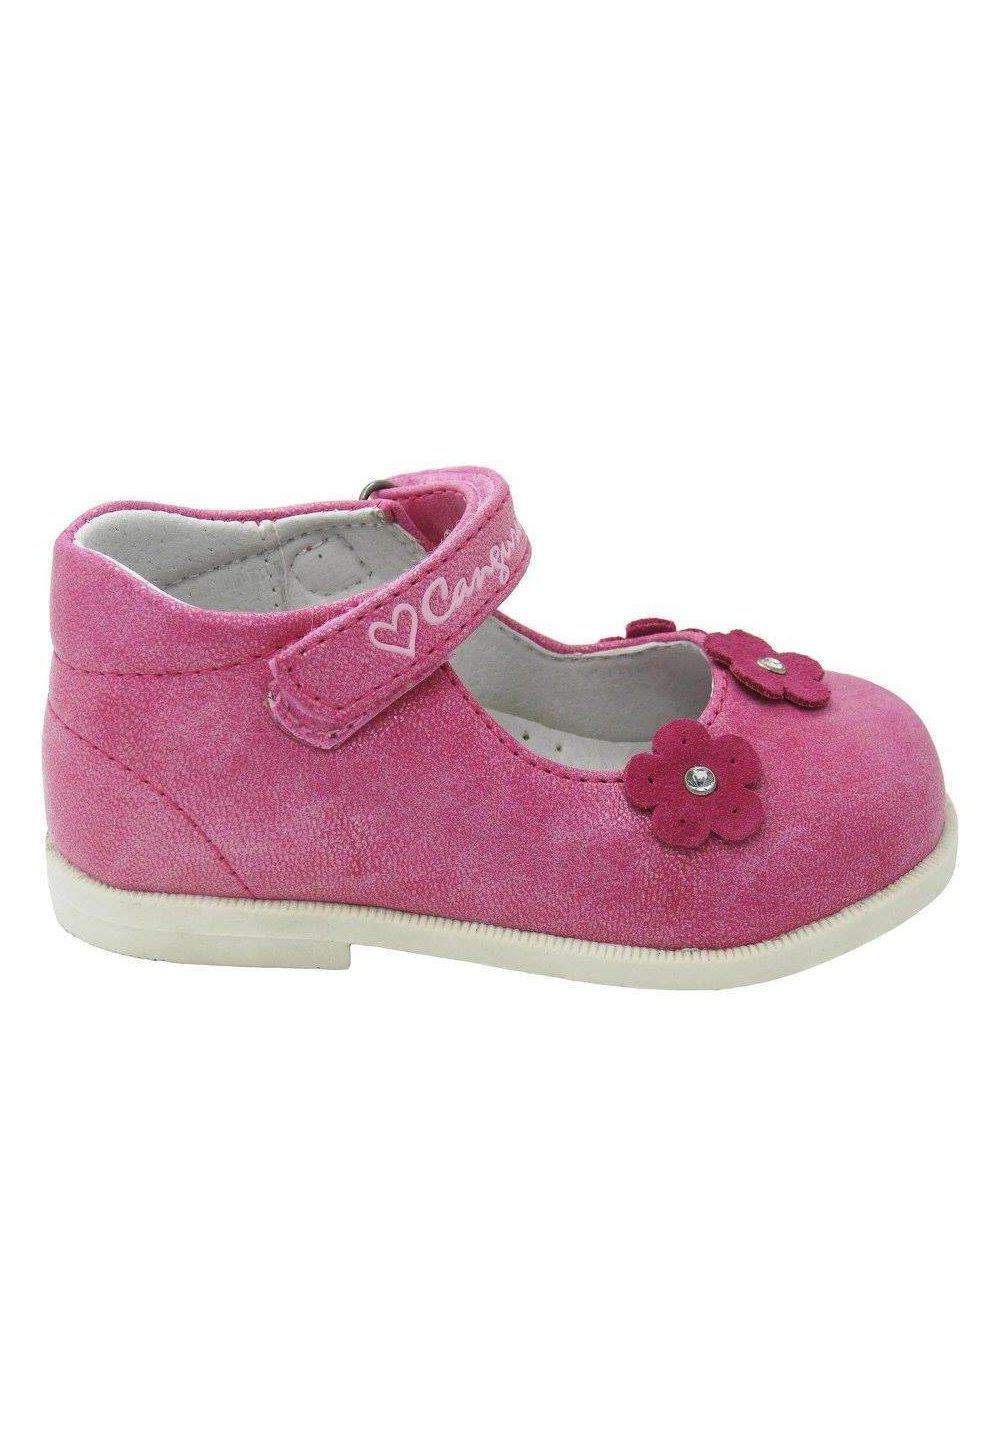 Pantofi fete, roz cu floricele